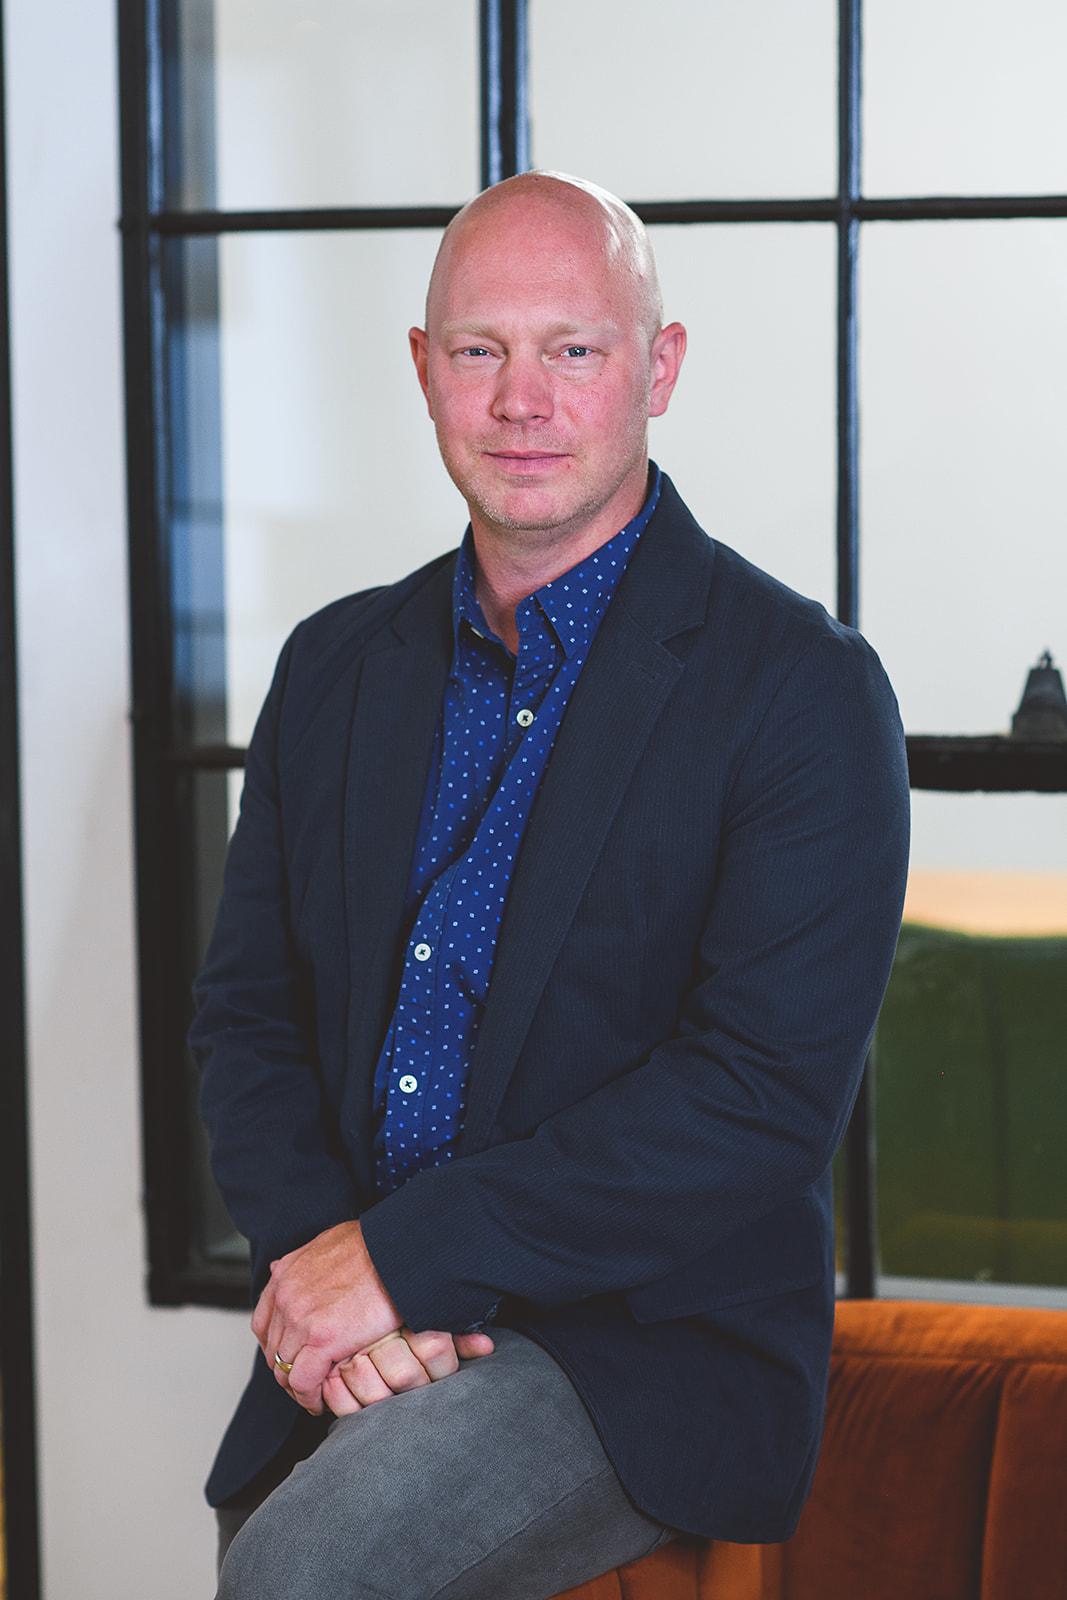 Craig Miedema